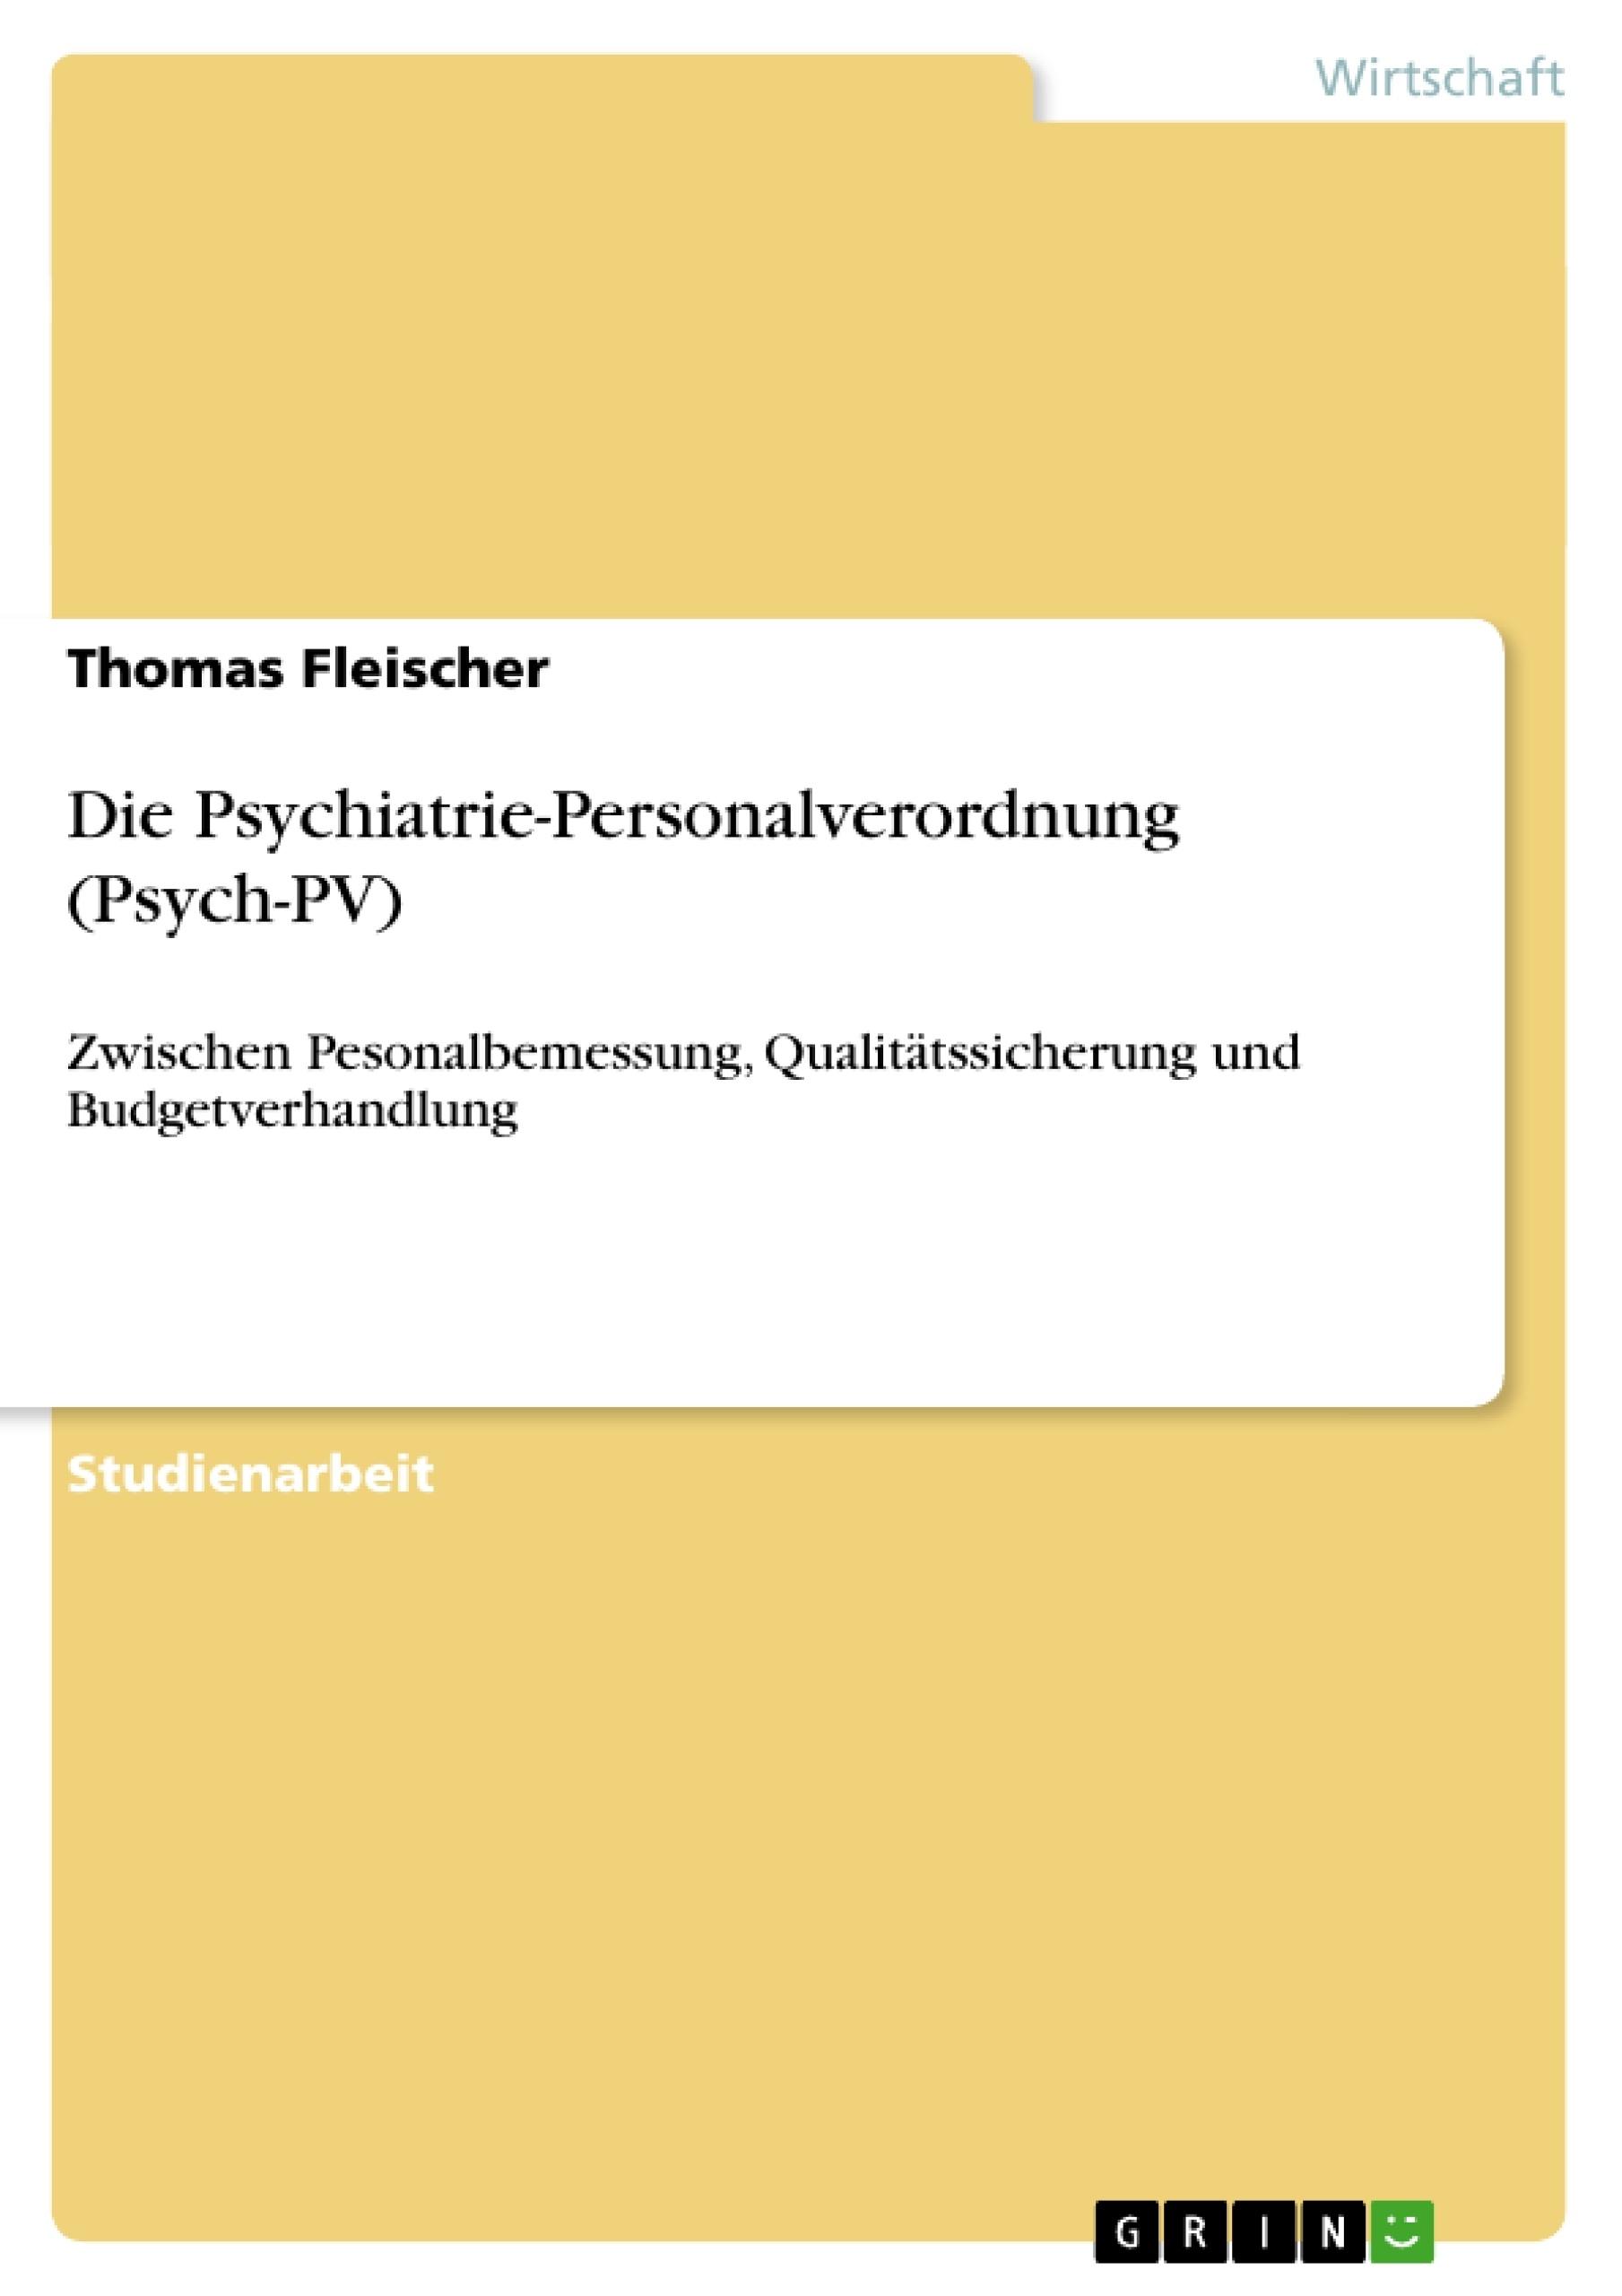 Titel: Die Psychiatrie-Personalverordnung (Psych-PV)